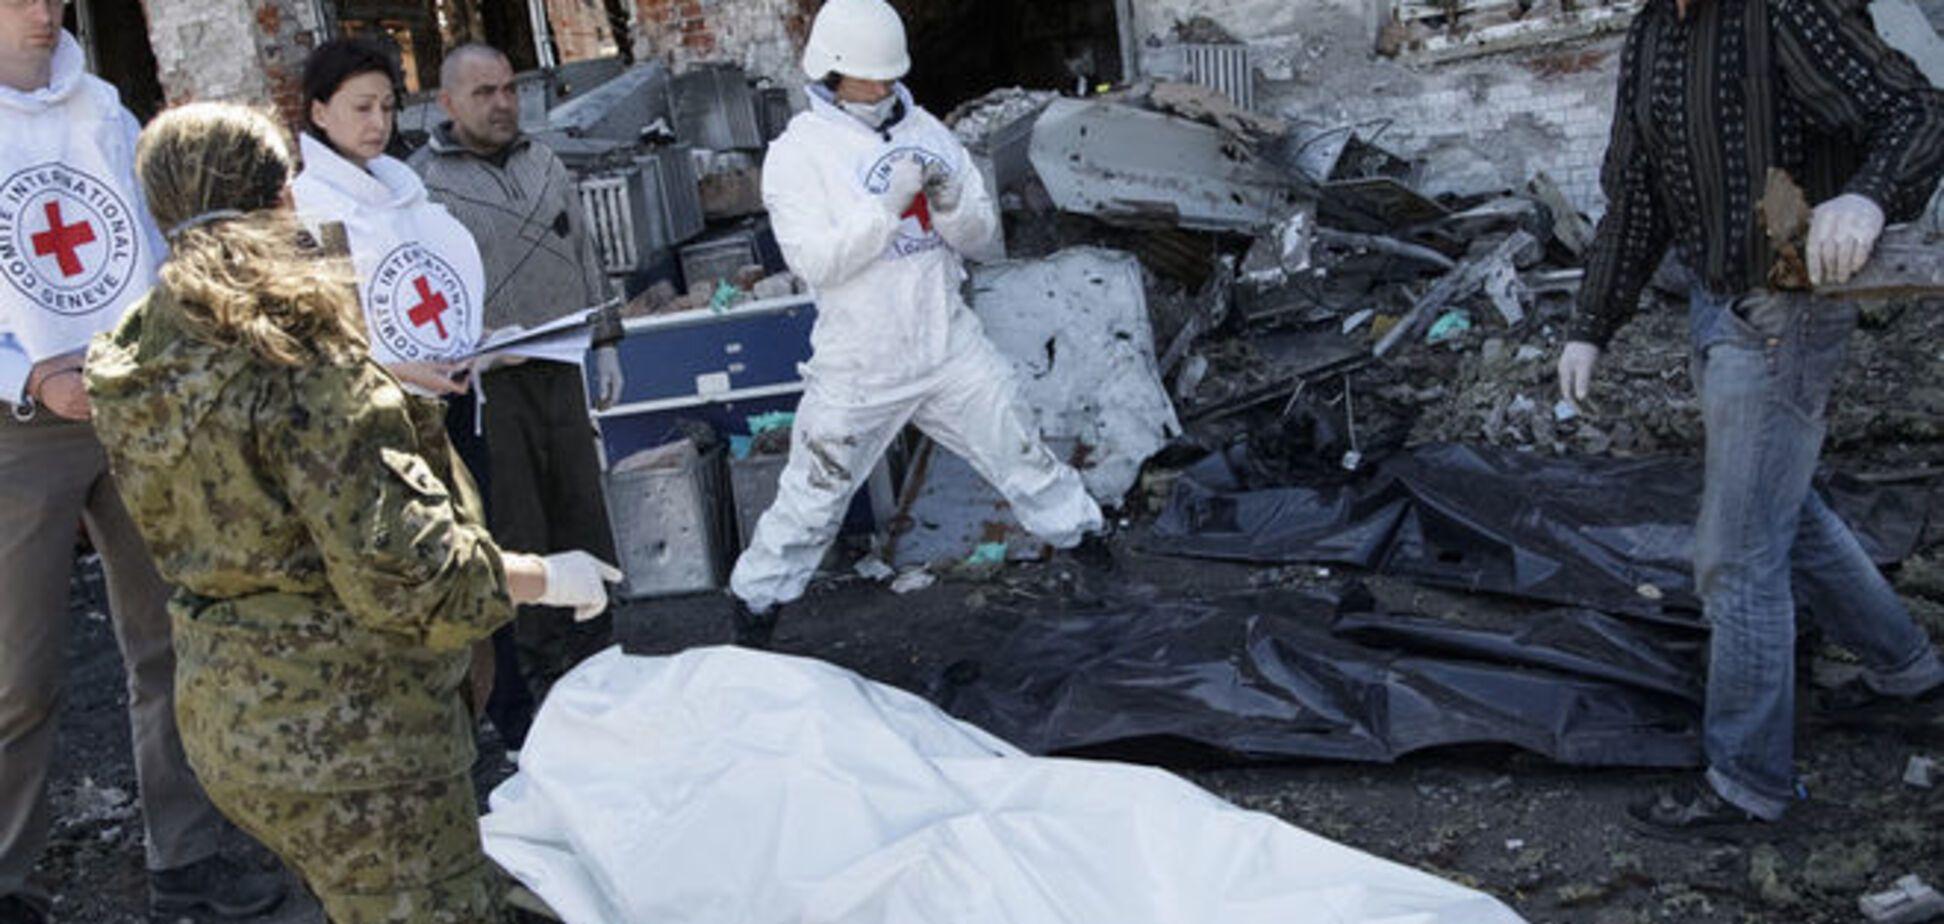 На оккупированных территориях Донбасса эксгумируют тела бойцов АТО - ОБСЕ